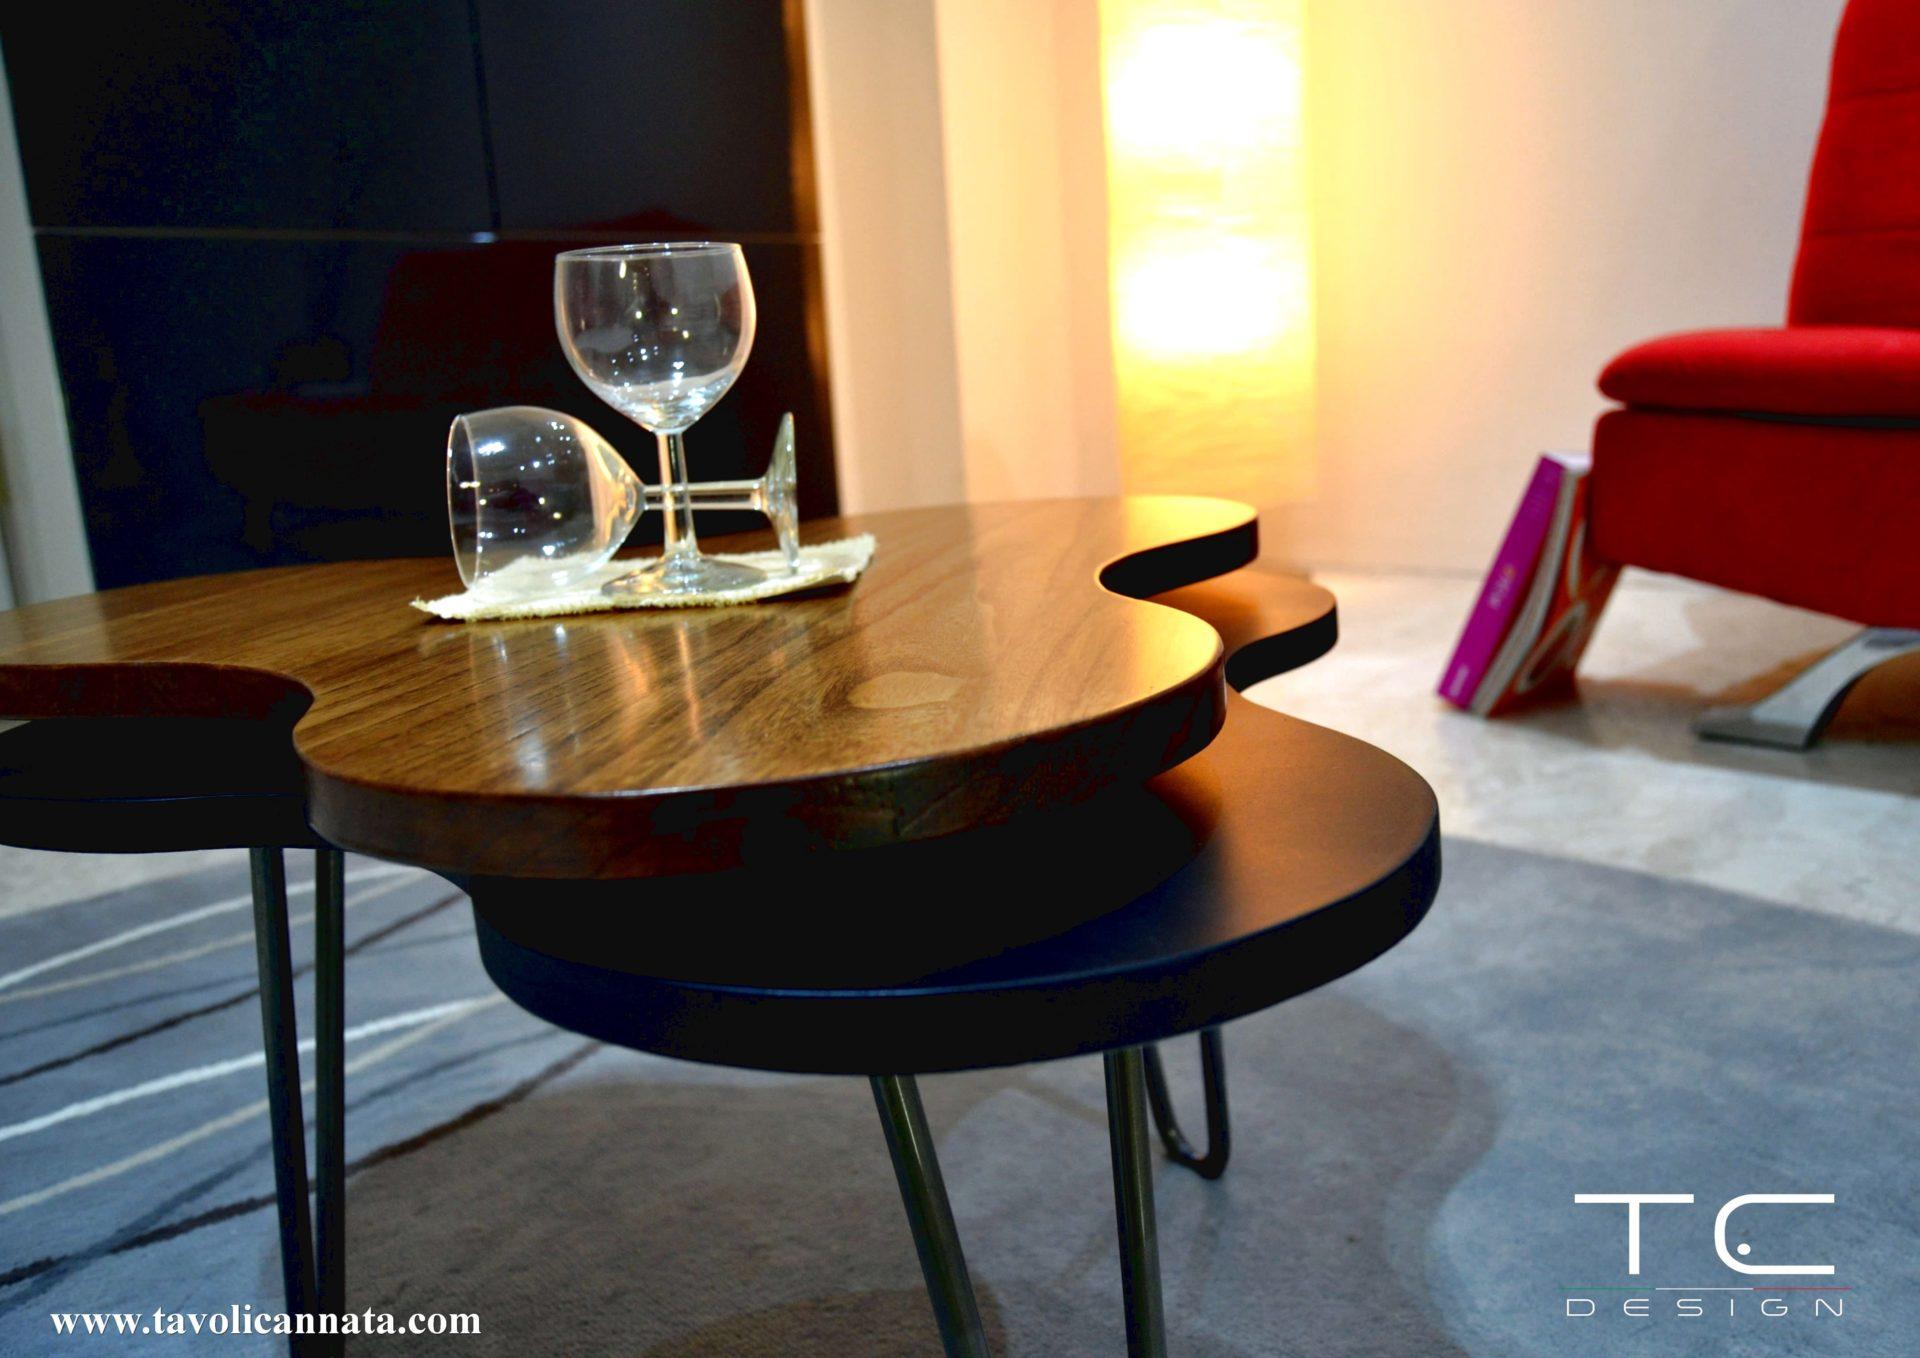 Tavolini in legno per soggiorno di design moderni - Tavolini Cannata